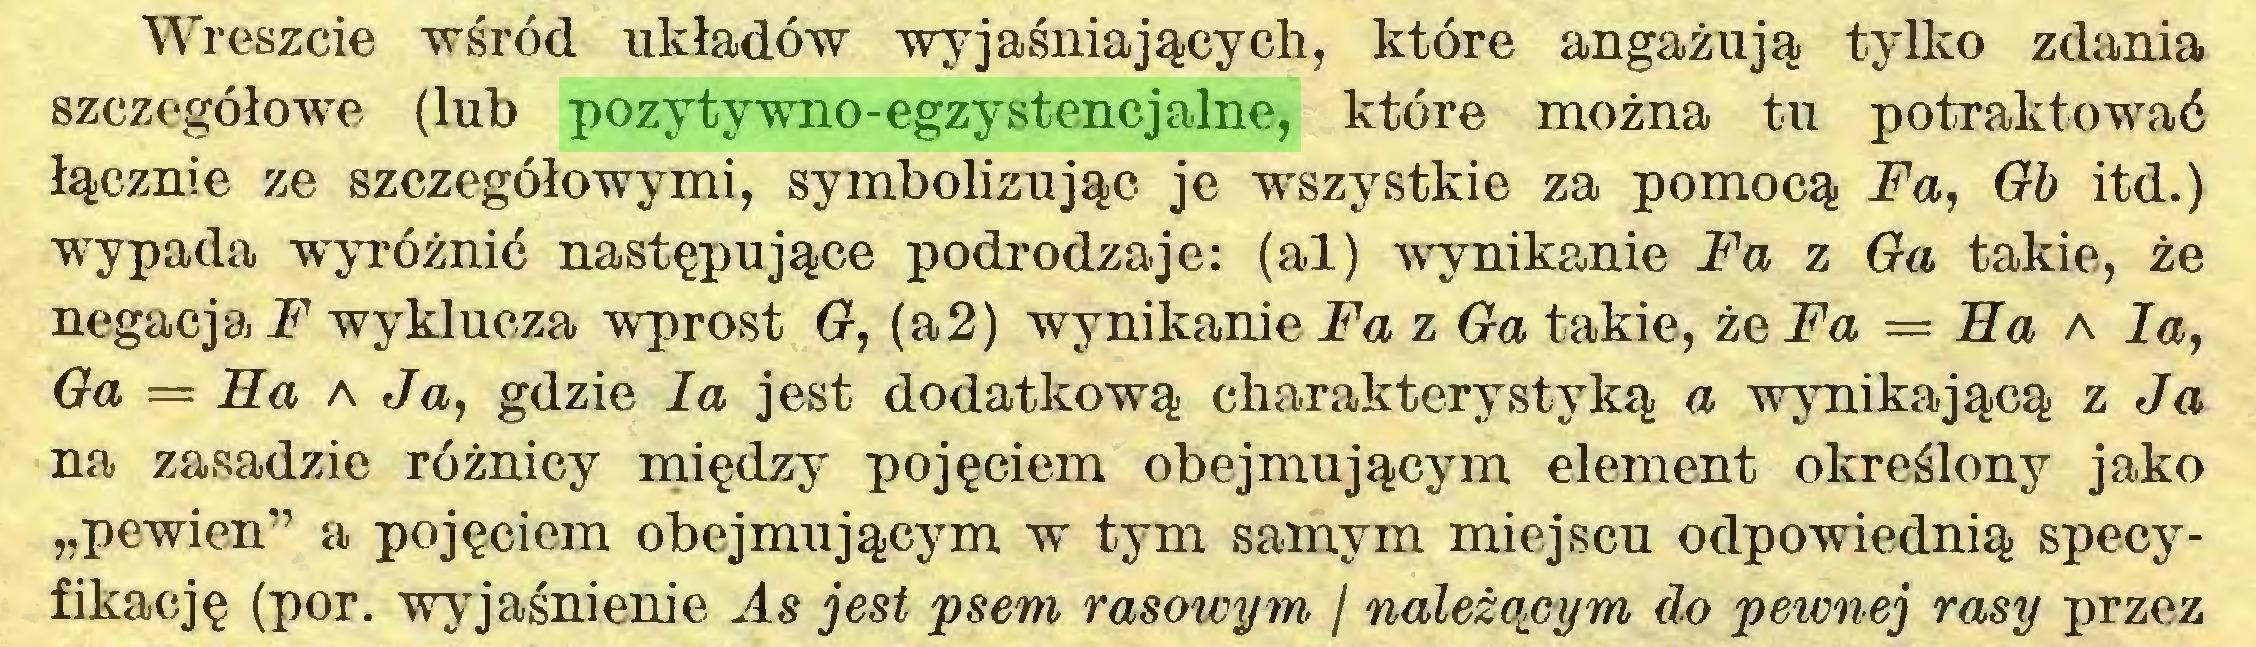 """(...) Wreszcie wśród układów wyjaśniających, które angażują tylko zdania szczegółowe (lub pozytywno-egzystencjalne, które można tu potraktować łącznie ze szczegółowymi, symbolizując je wszystkie za pomocą Fa, Gb itd.) wypada wyróżnić następujące podrodzaje: (al) wynikanie Fa z Ga takie, że negacja l*7 wyklucza wprost G, (a2) wynikanie Fa z Ga takie, że Fa = Ha a la, Ga = Ha a Ja, gdzie la jest dodatkową charakterystyką a wynikającą z Ja na zasadzie różnicy między pojęciem obejmującym element określony jako """"pewien"""" a pojęciem obejmującym w tym samym miejscu odpowiednią specyfikację (por. wyjaśnienie As jest psem rasmeym / natężonym do pewnej rasy przez..."""